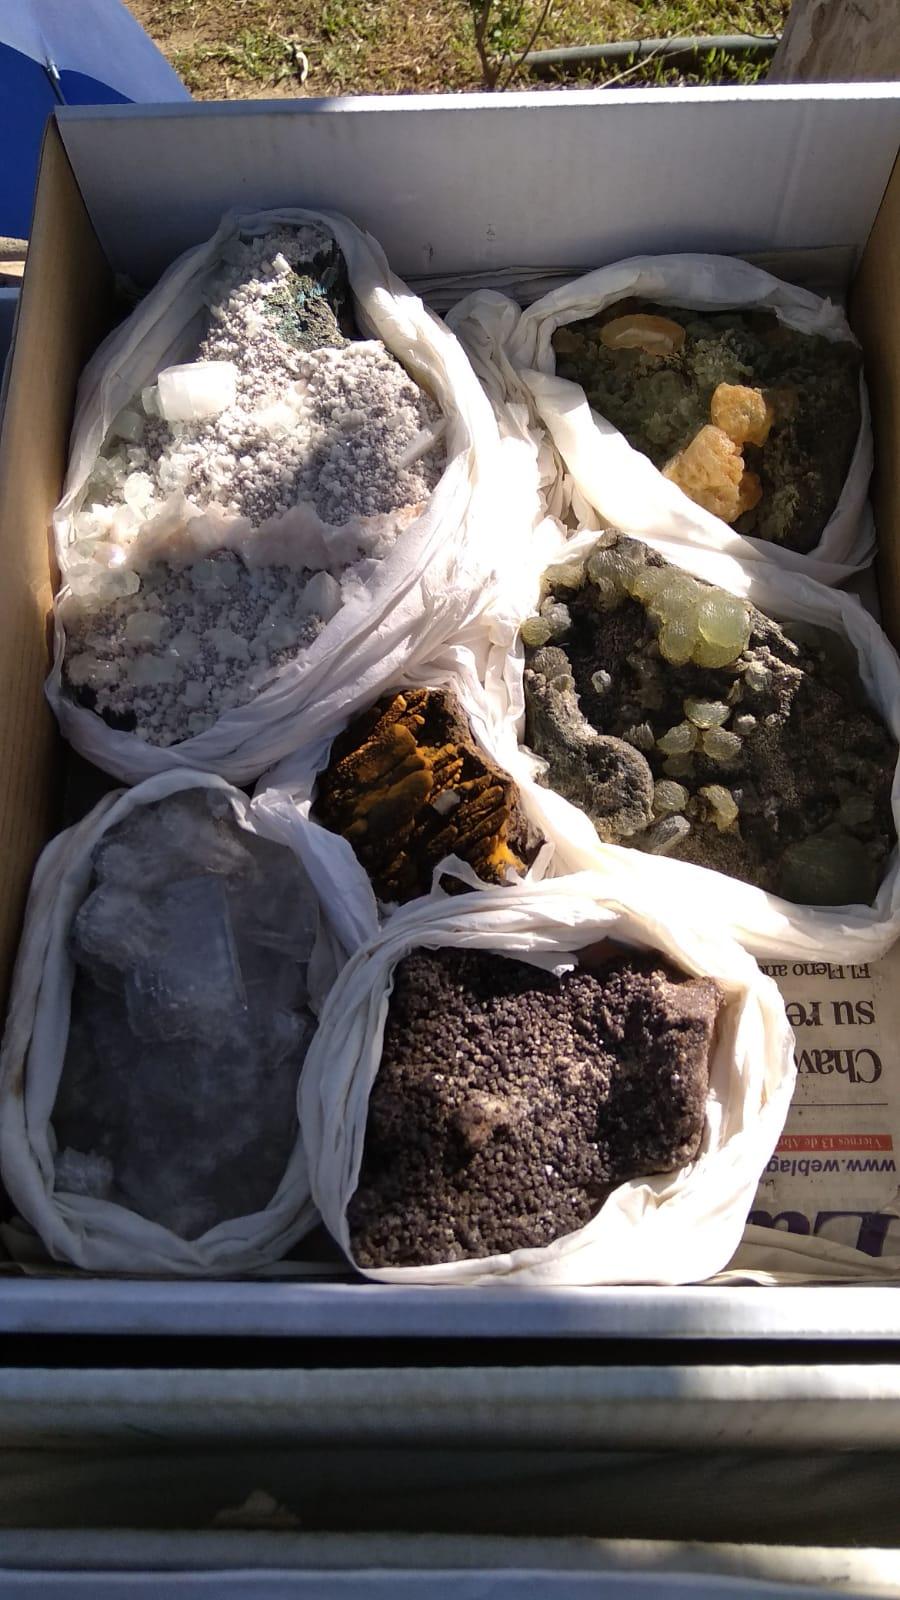 I Feria de minerales intercambio y venta de Cártama (MÁLAGA) - Página 5 Img-2042